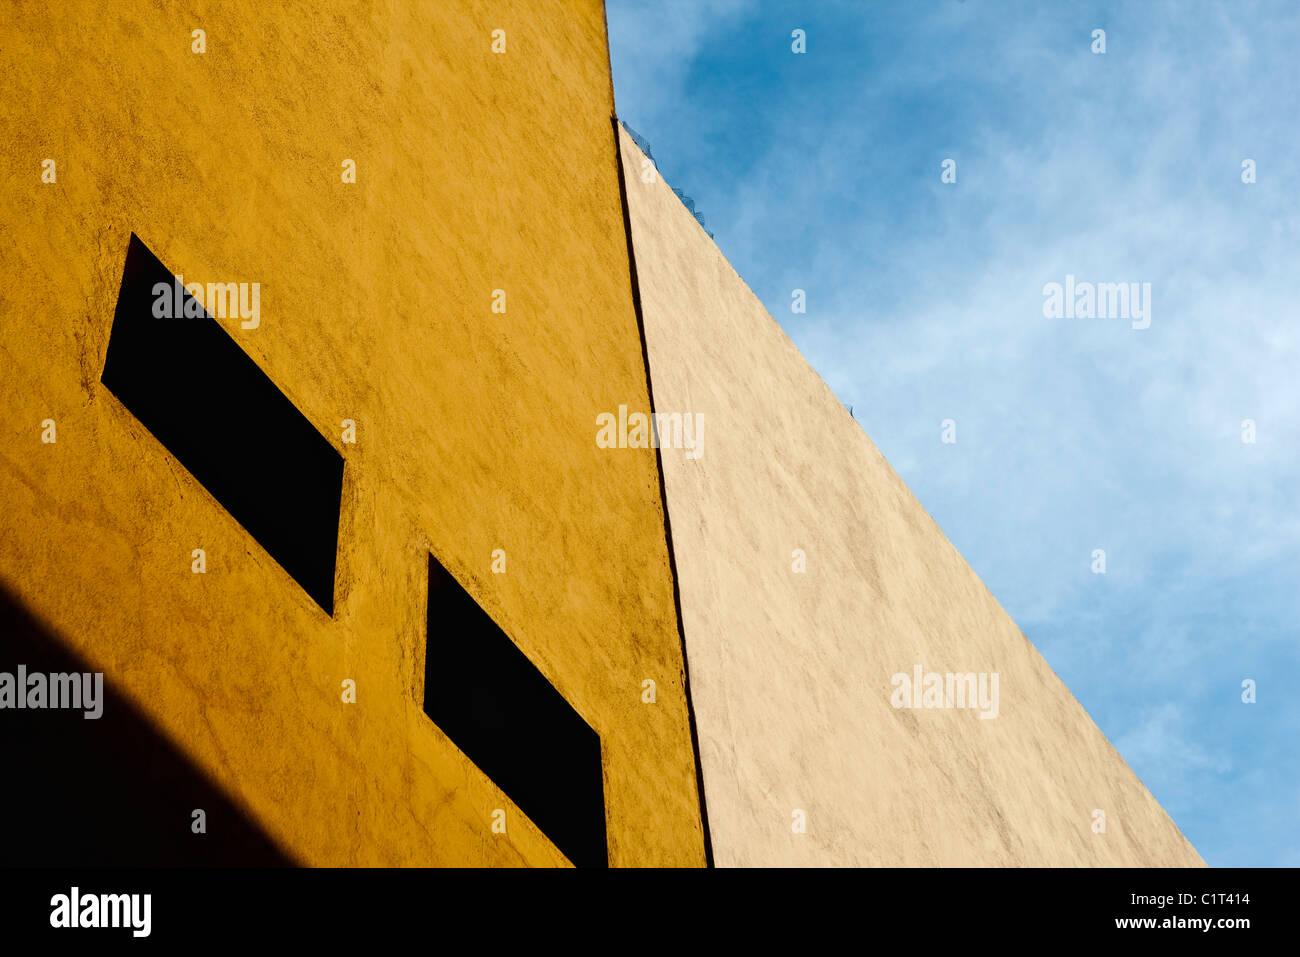 La façade de l'immeuble, cropped Banque D'Images